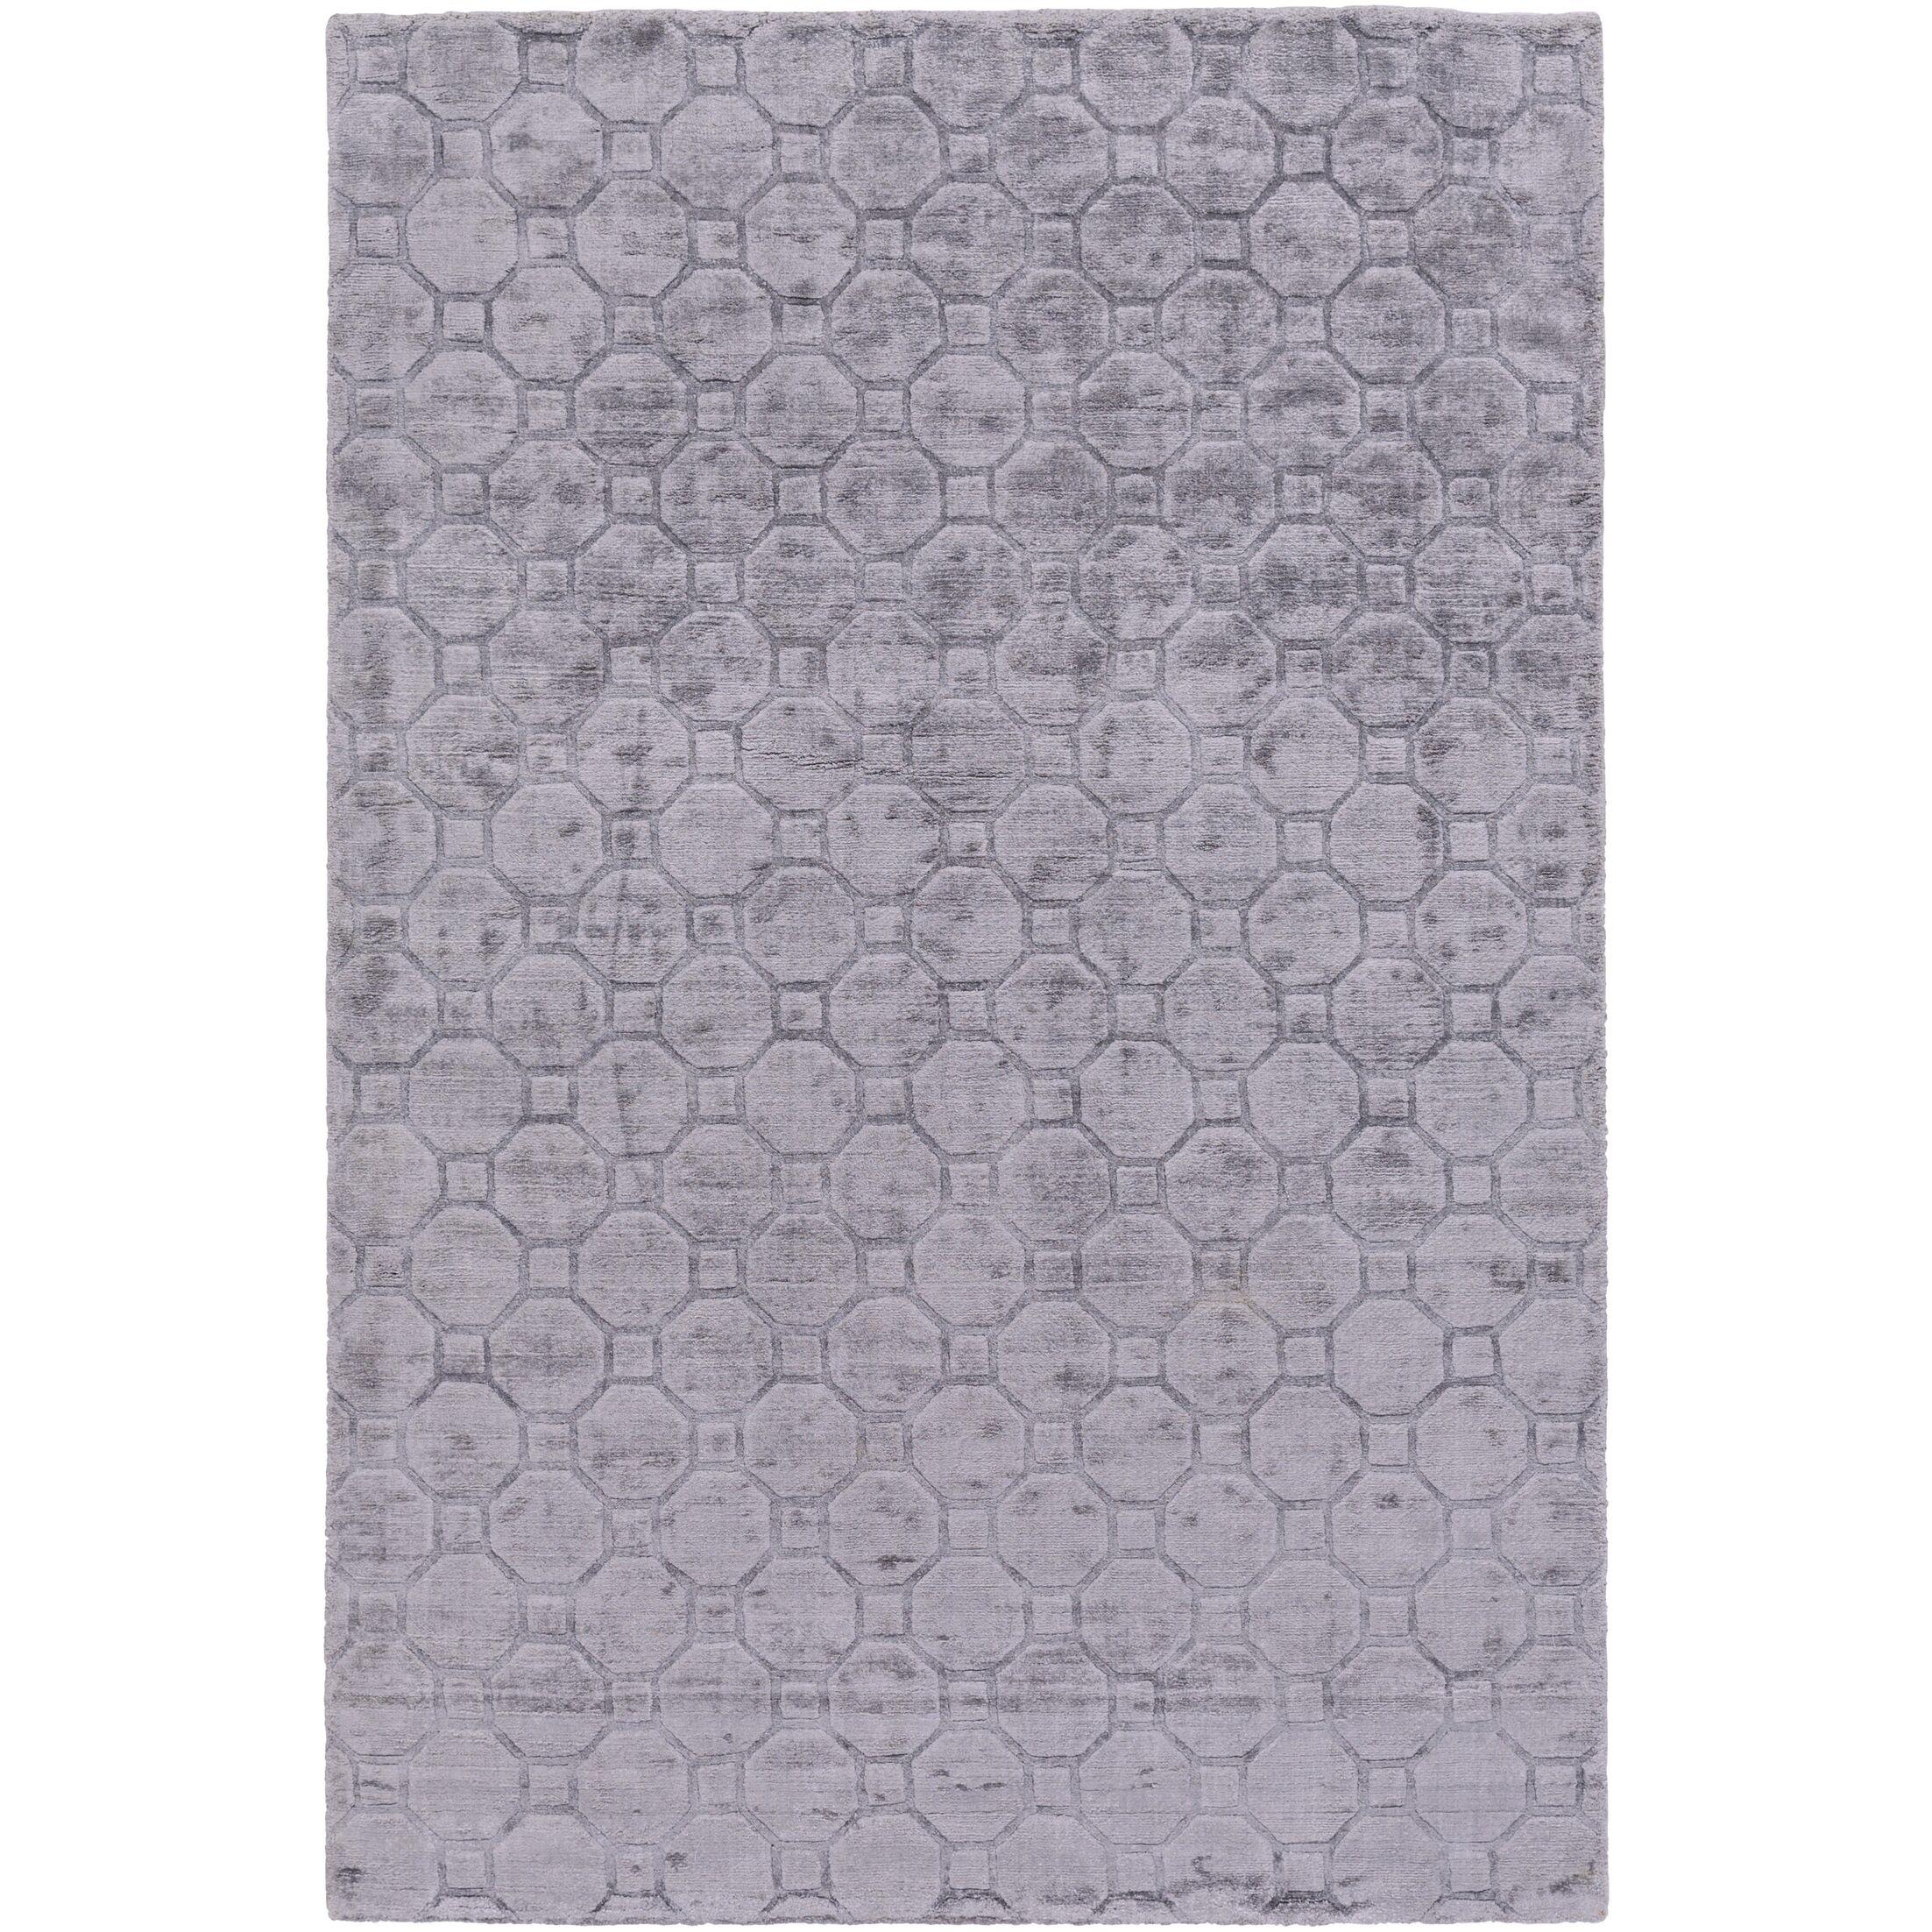 Autumn Hand-Loomed Medium Gray Area Rug Rug Size: Rectangle 2' x 3'